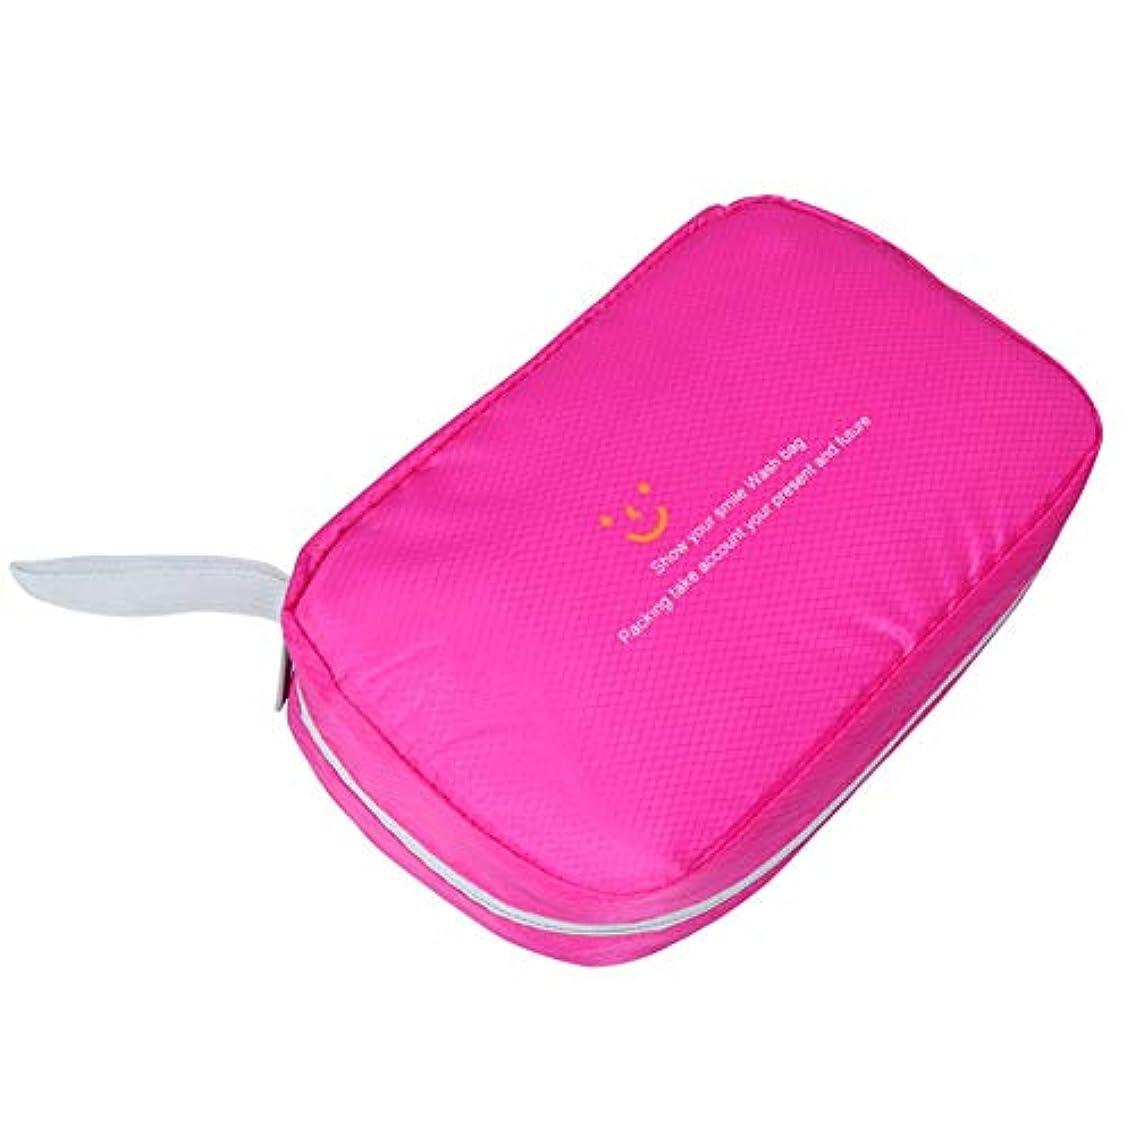 恥ずかしさ年掃除特大スペース収納ビューティーボックス 美の構造のためそしてジッパーおよび折る皿が付いている女の子の女性旅行そして毎日の貯蔵のための高容量の携帯用化粧品袋 化粧品化粧台 (色 : ピンク)